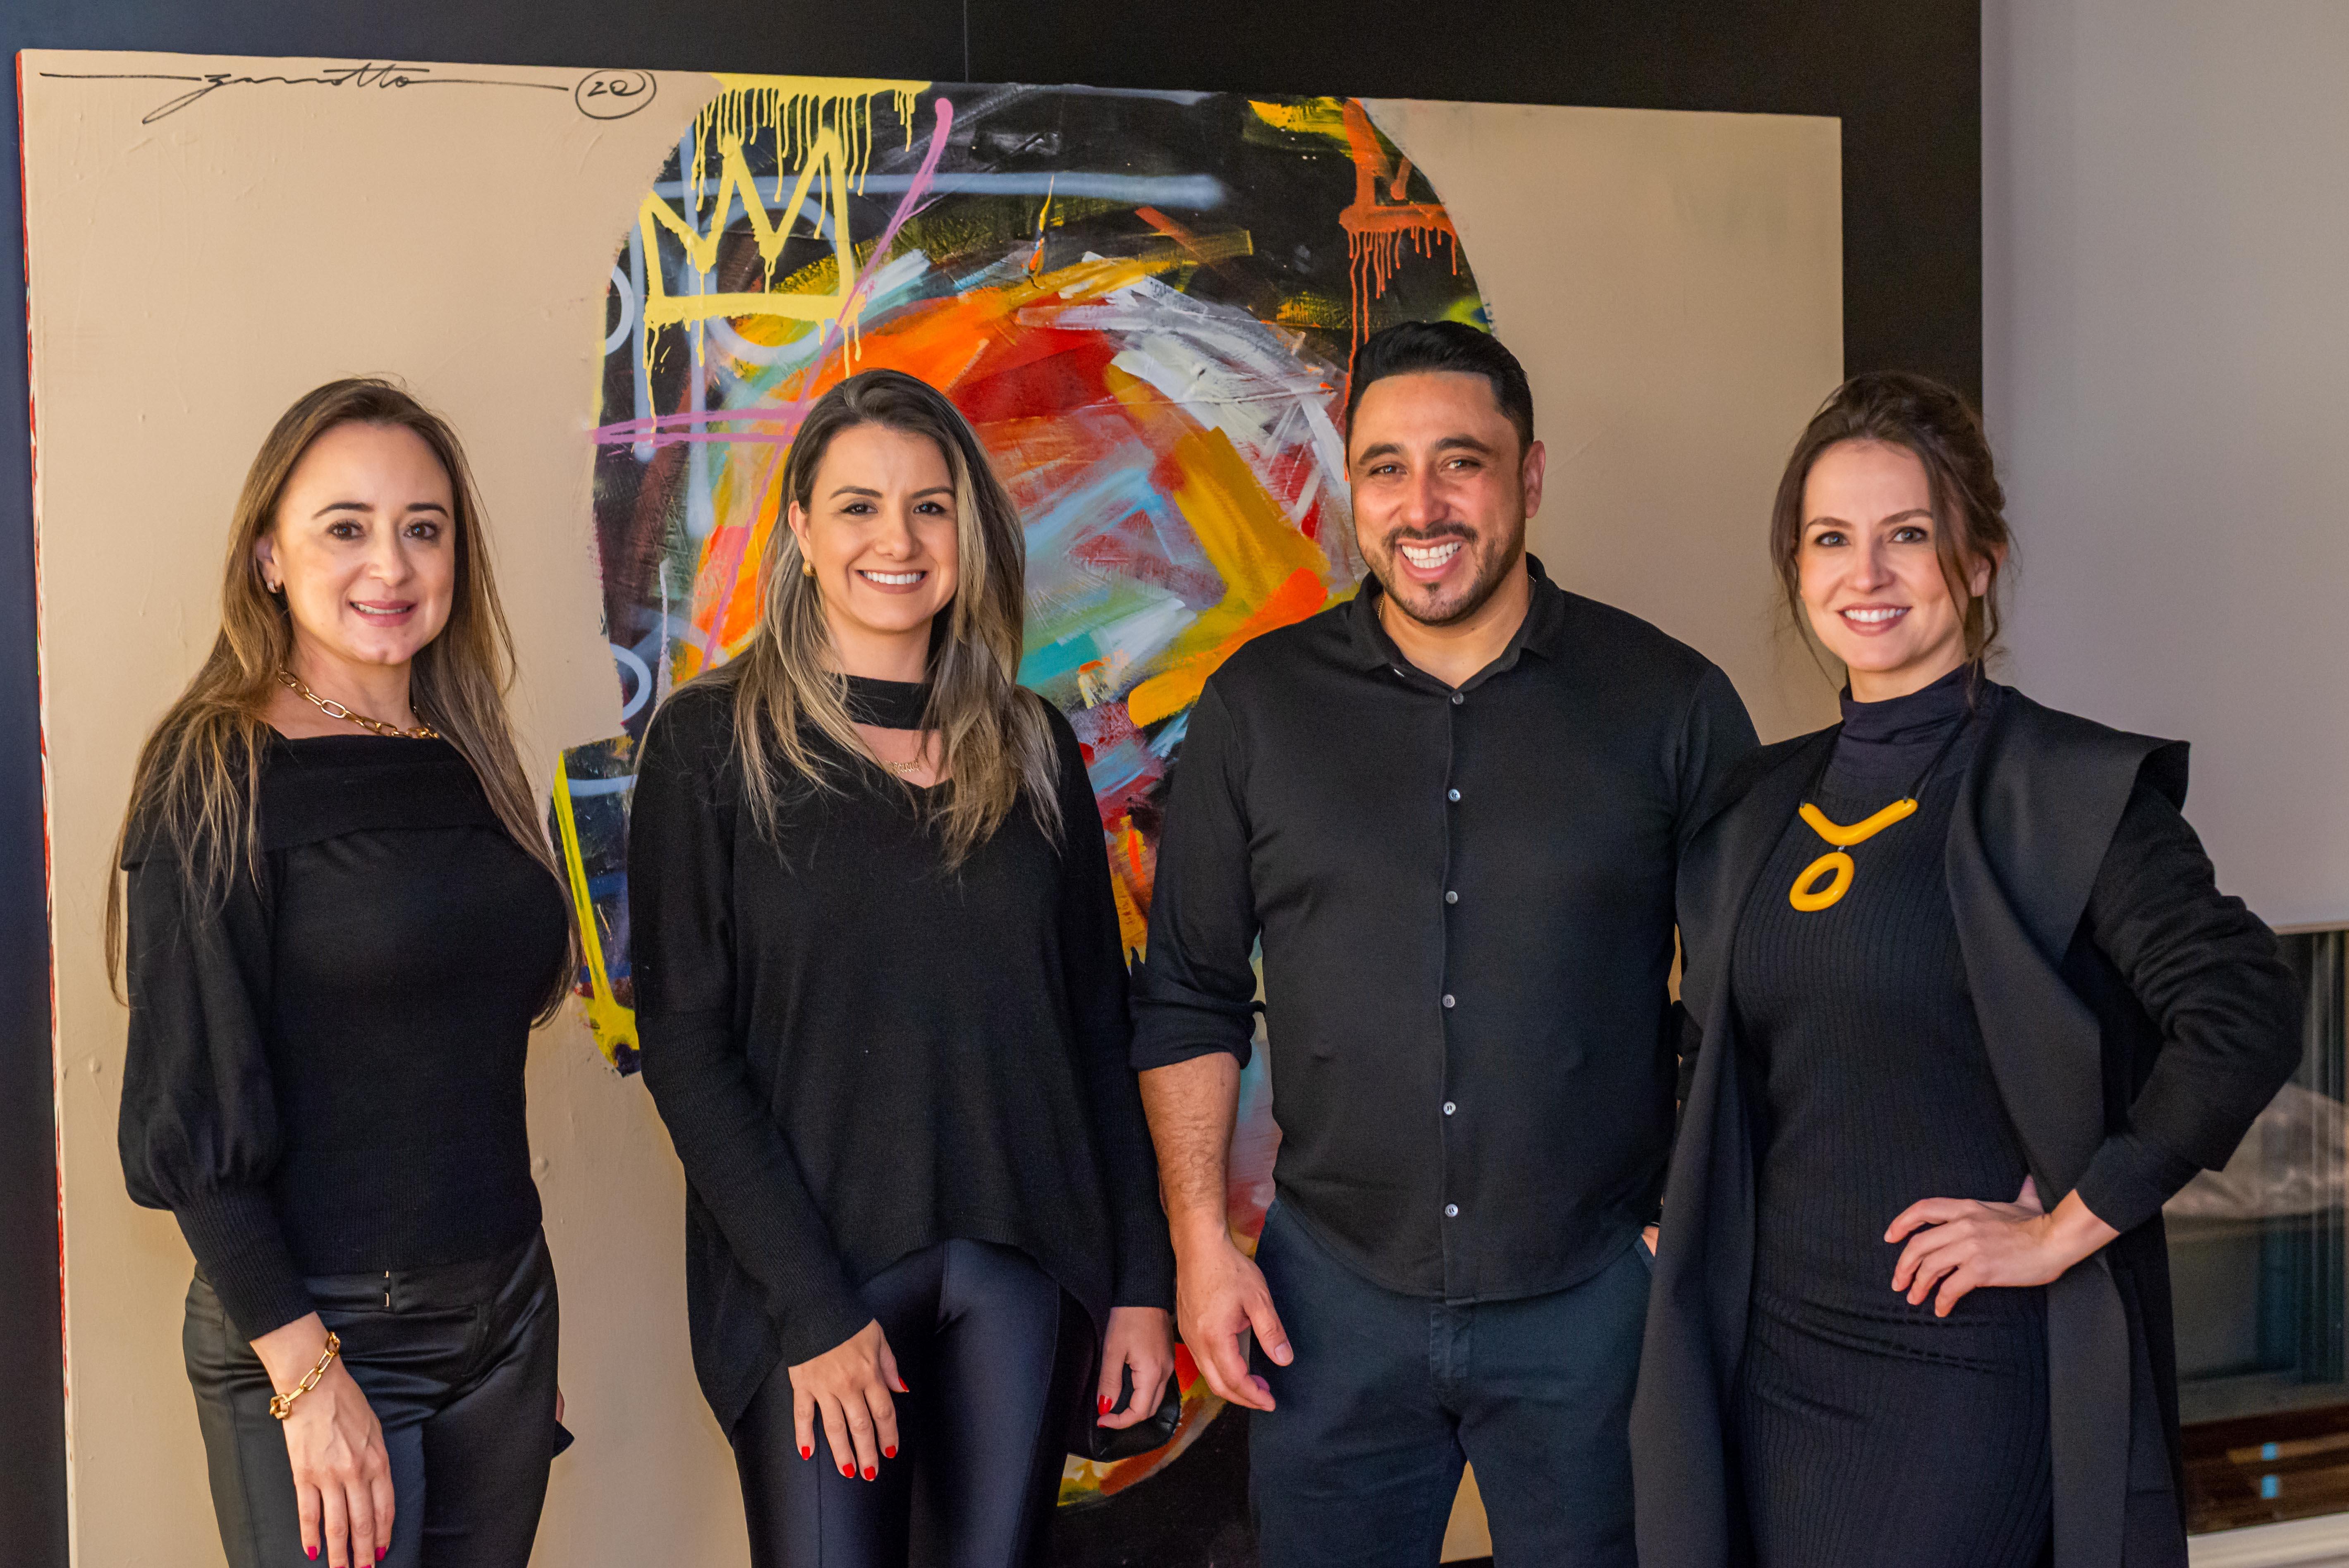 Alessandra Ramos, Ediane Tramujas, Eleandro Miranda e Ana Crivellaro.